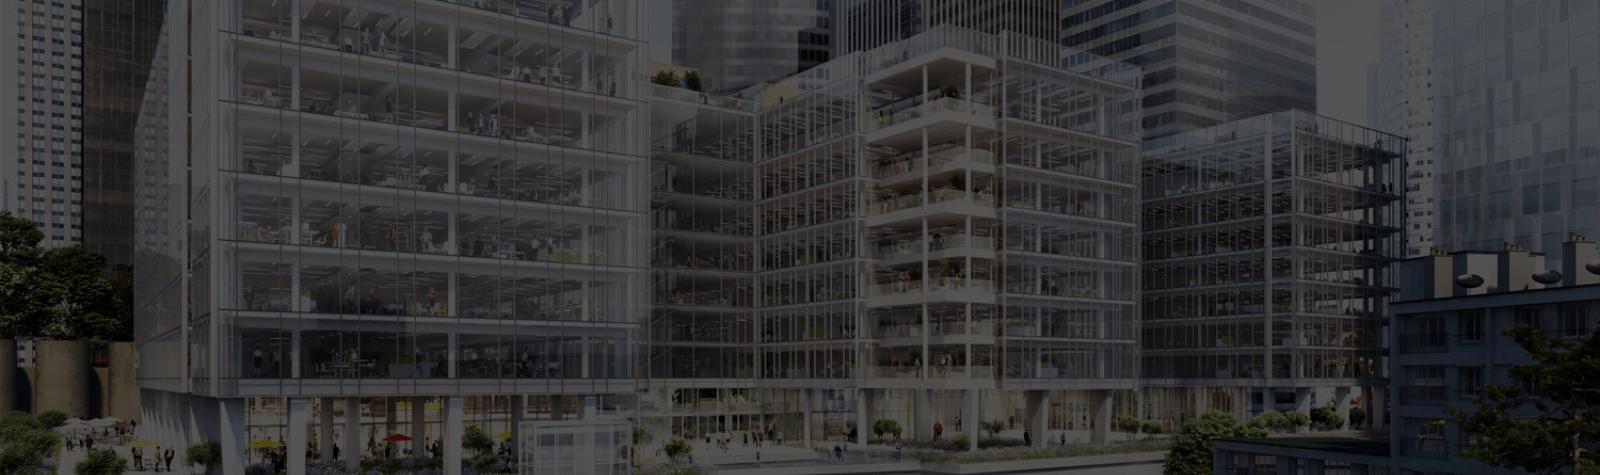 Paris La Défense signe un acte de vente en vue de la réalisation du projet Altiplano